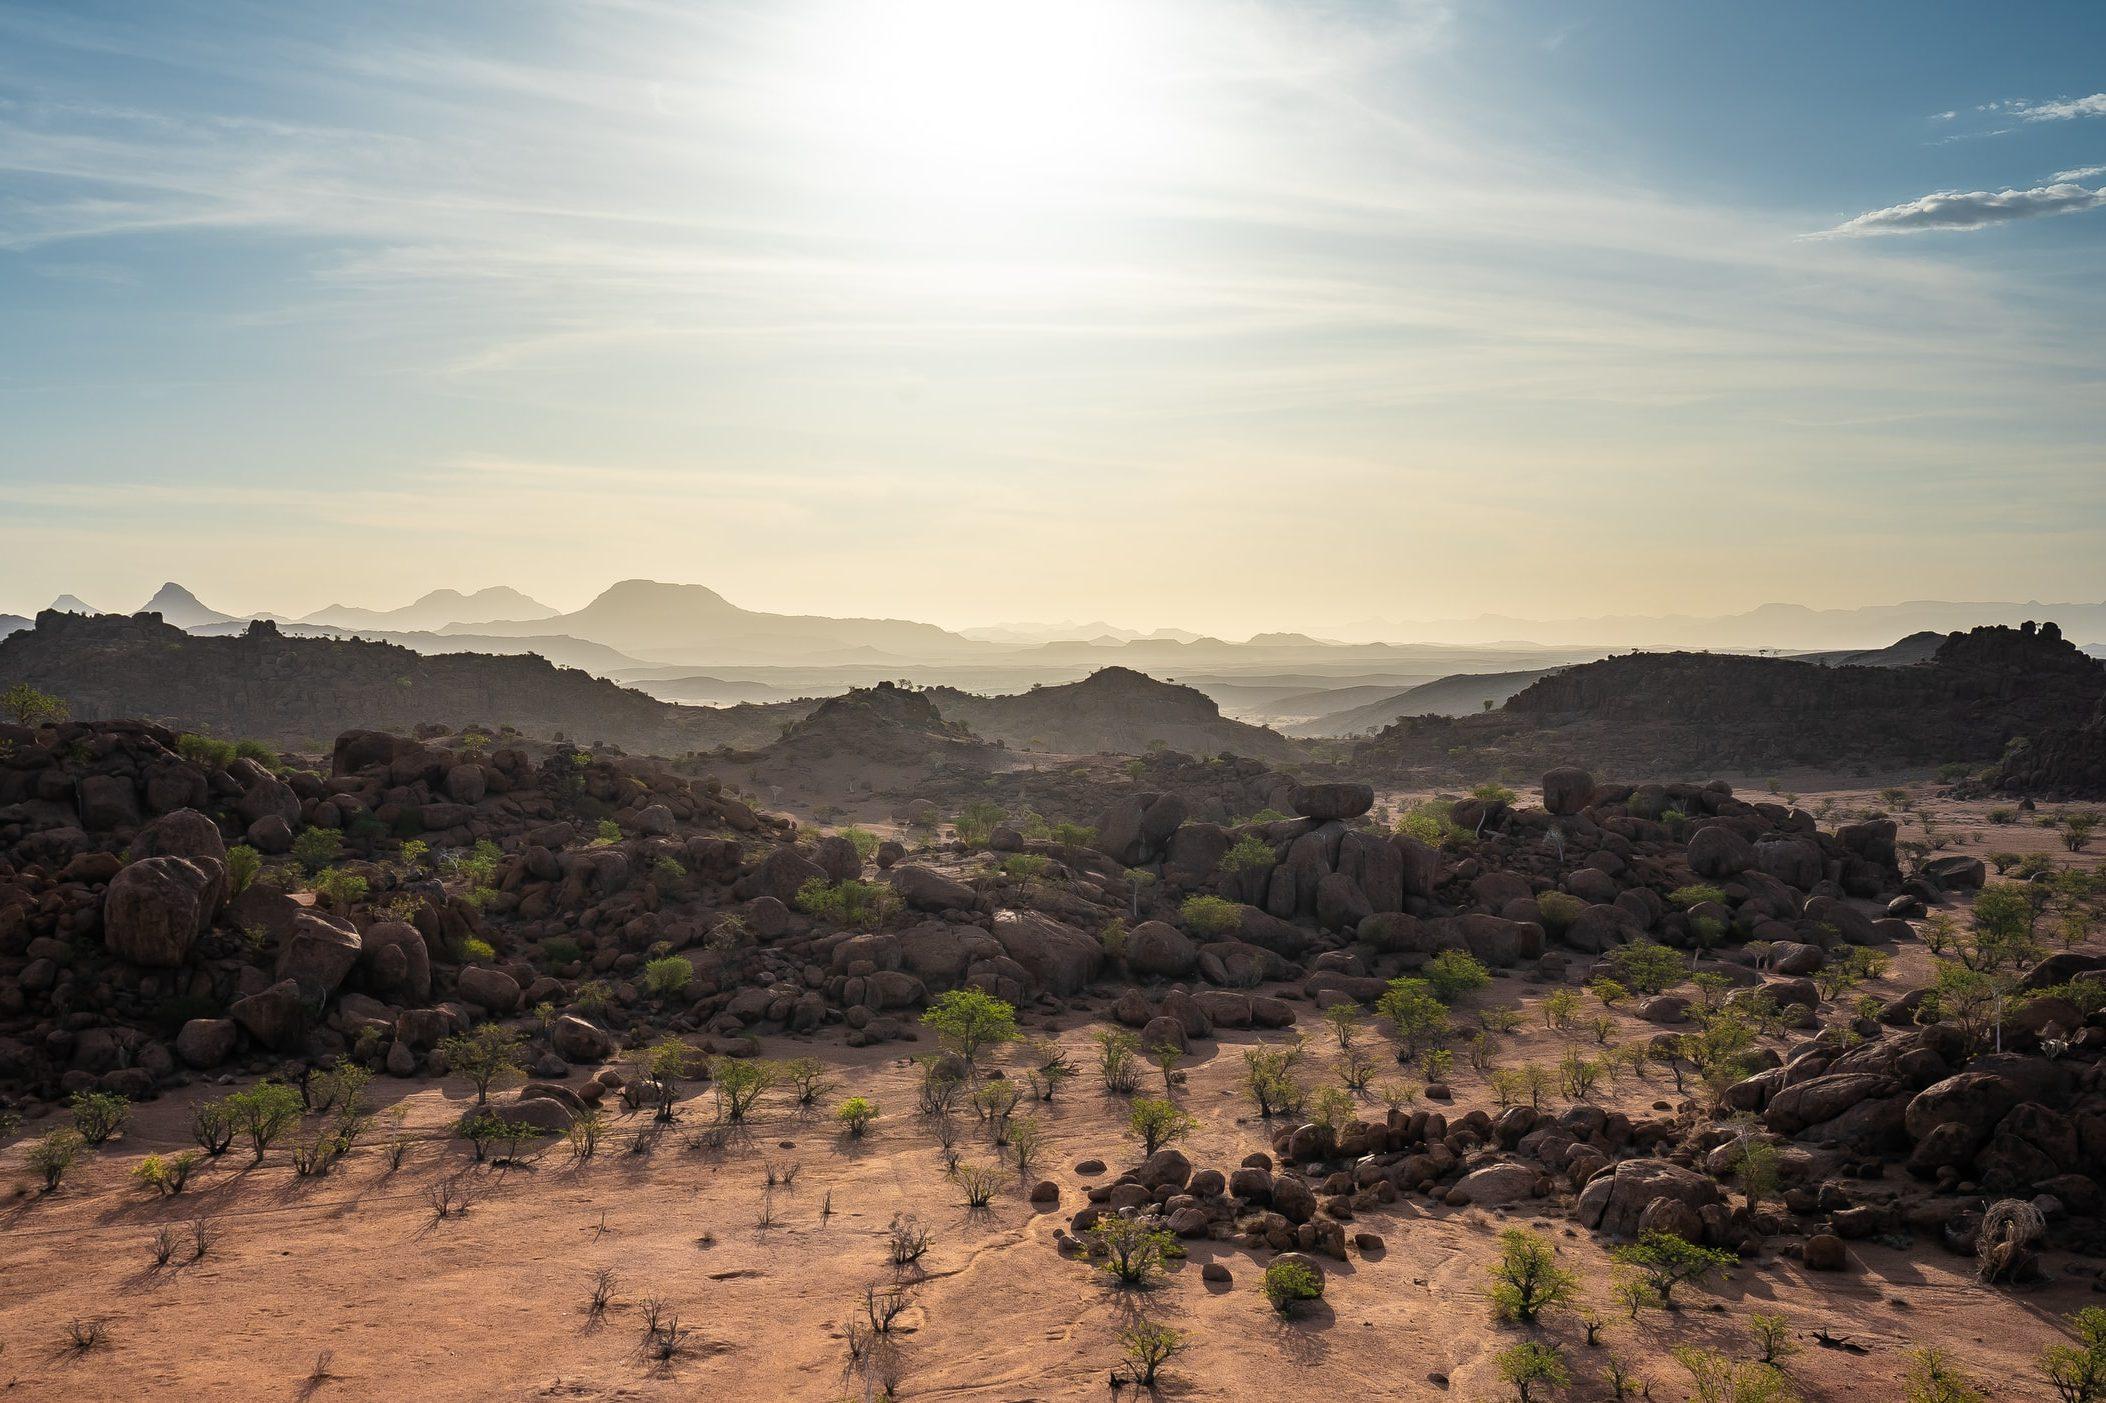 Namibia Sehenswürdigkeiten - Landschaft